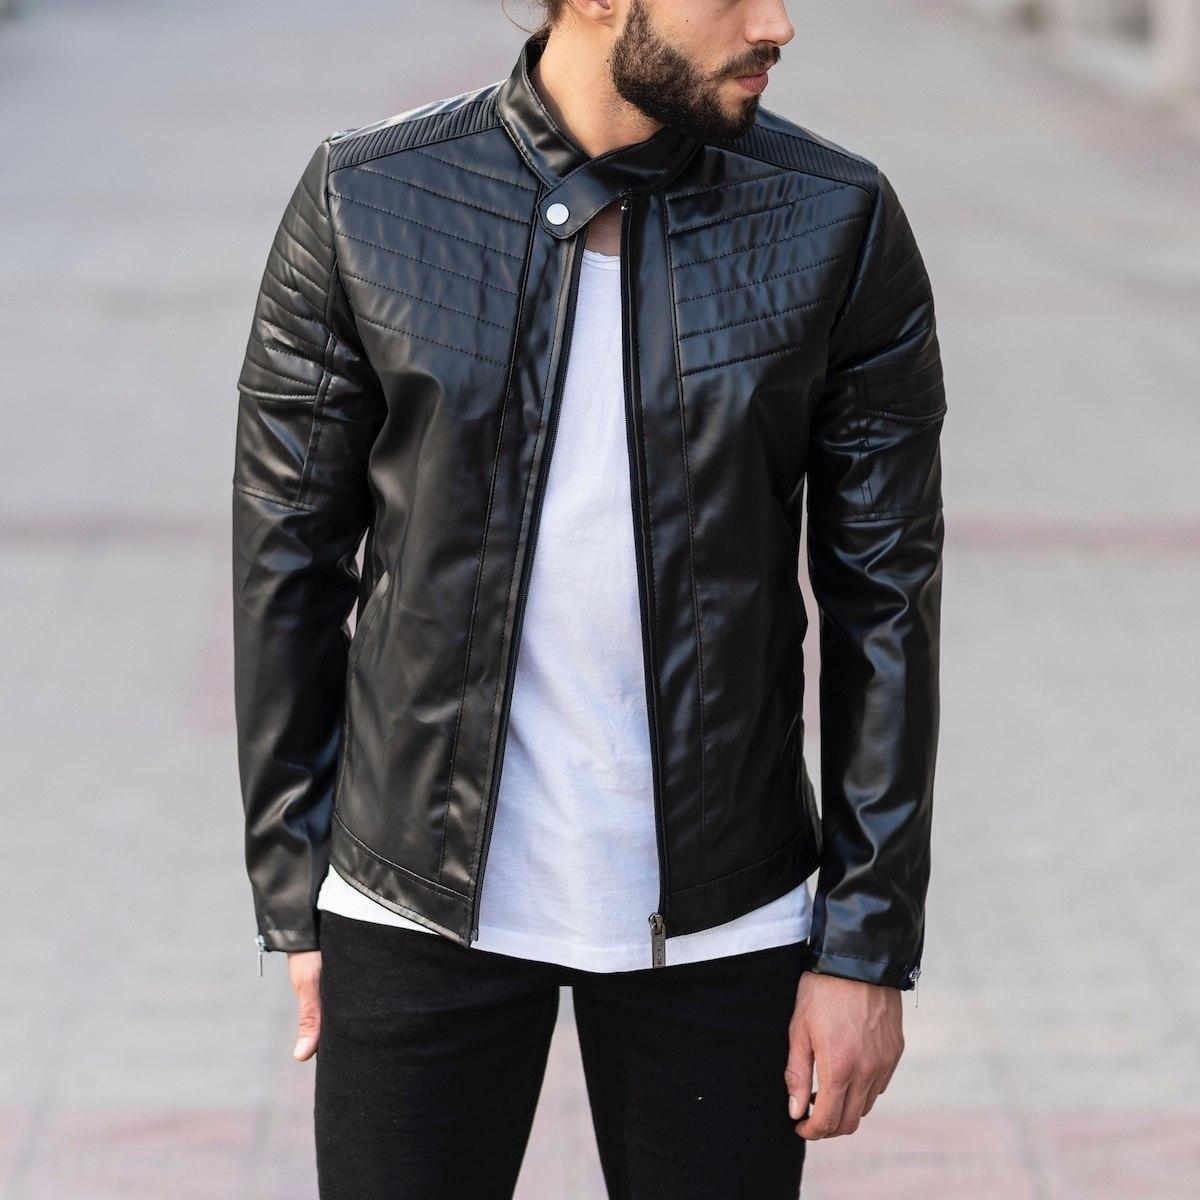 Biker Jacket In Black MV Jacket Collection - 1